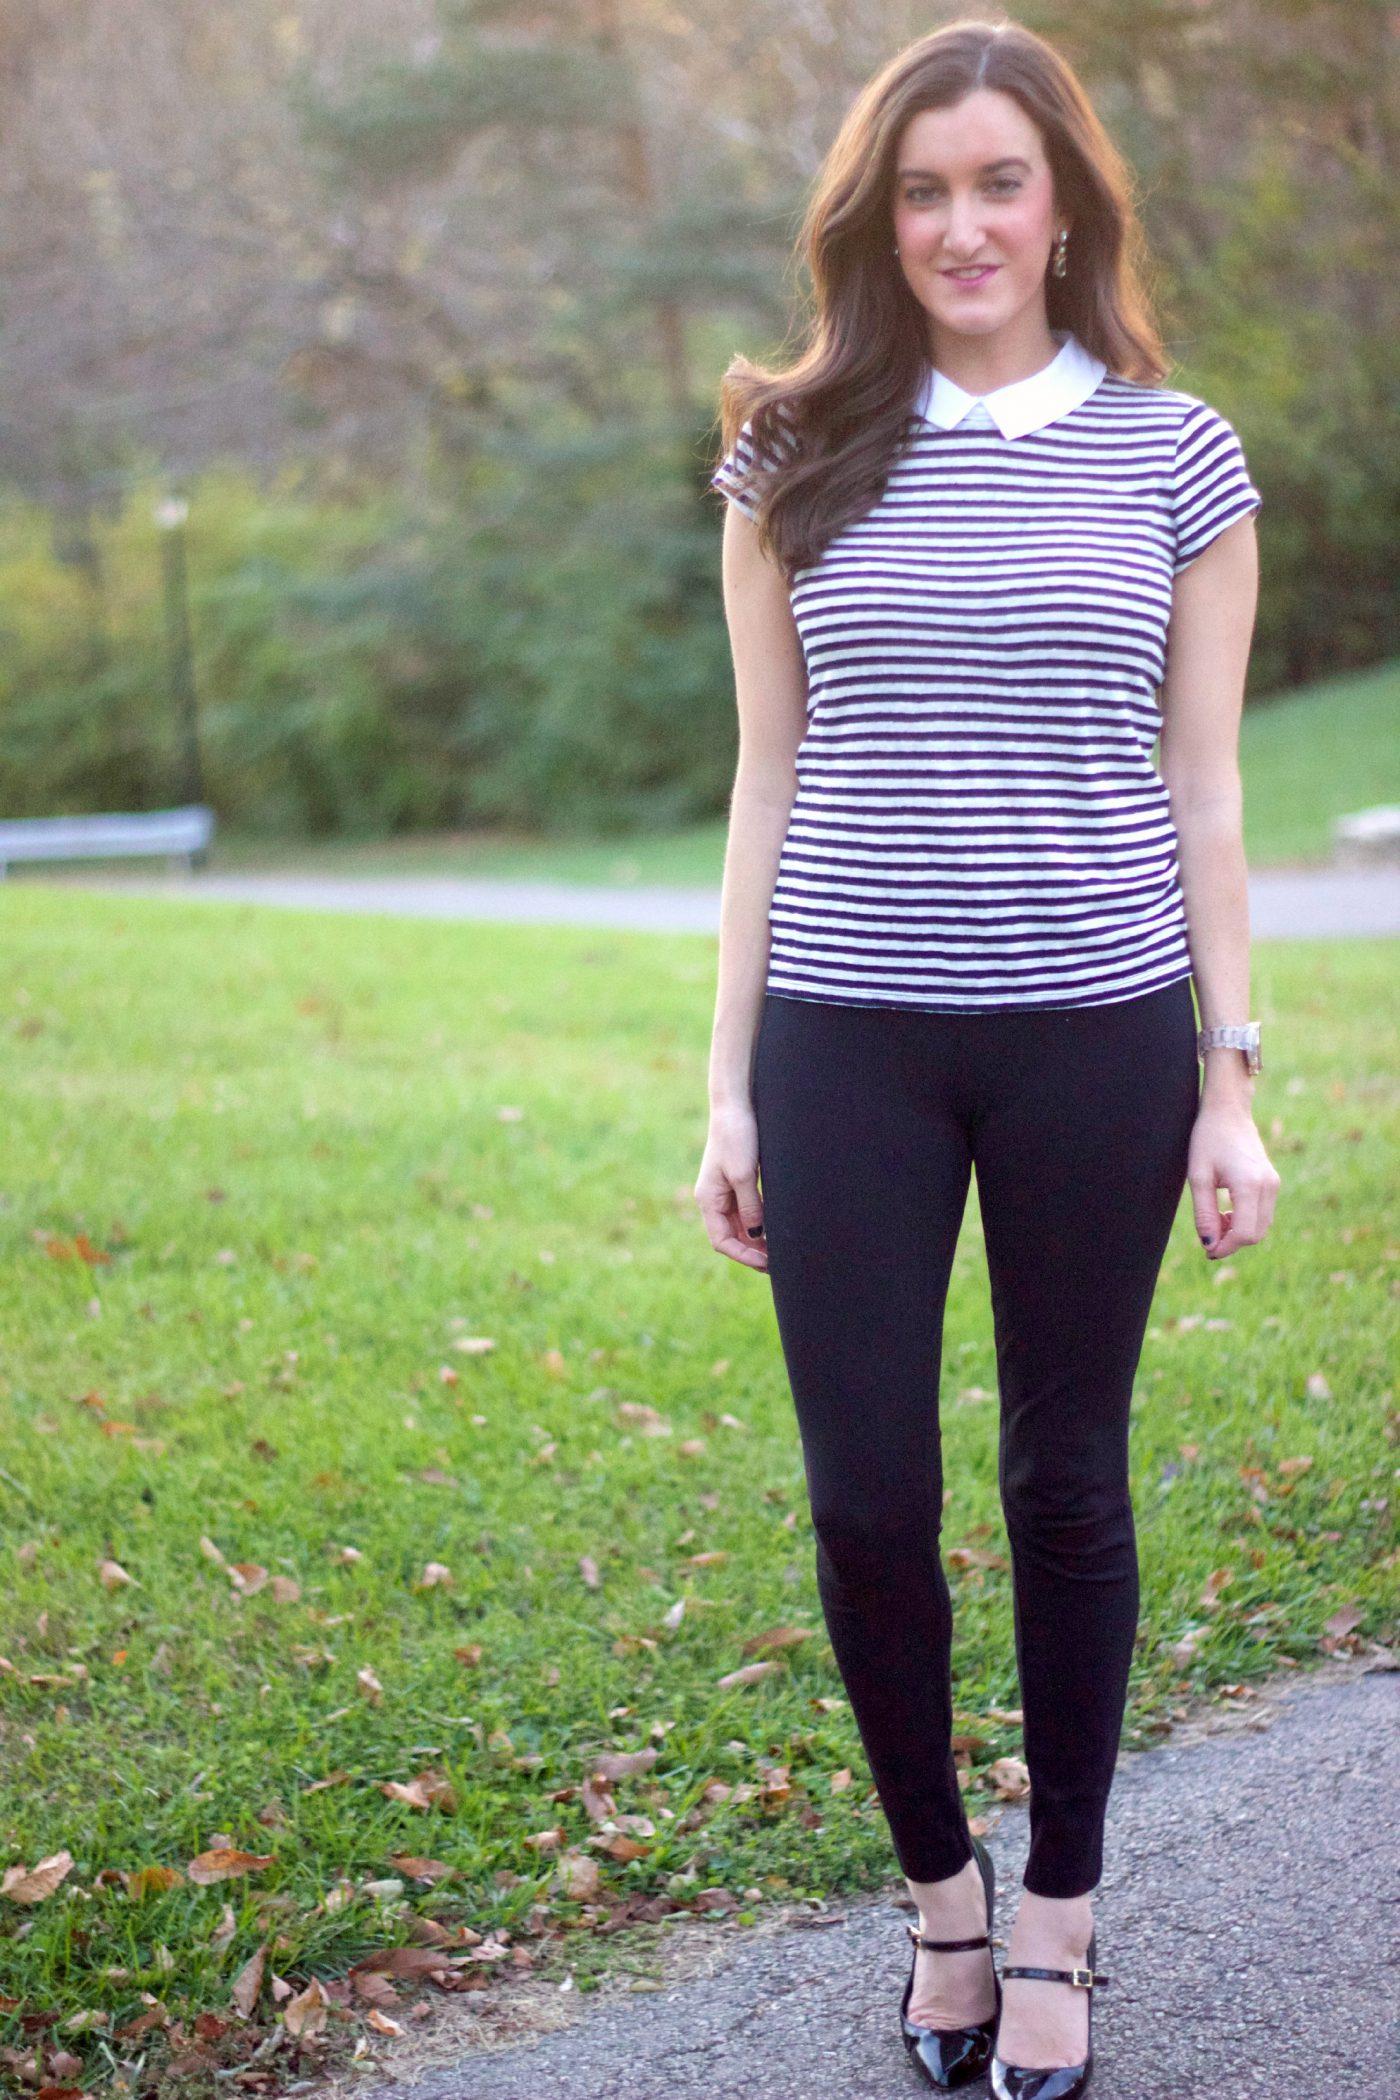 J.Crew Pixie Pants Striped Ann Taylor Shirt